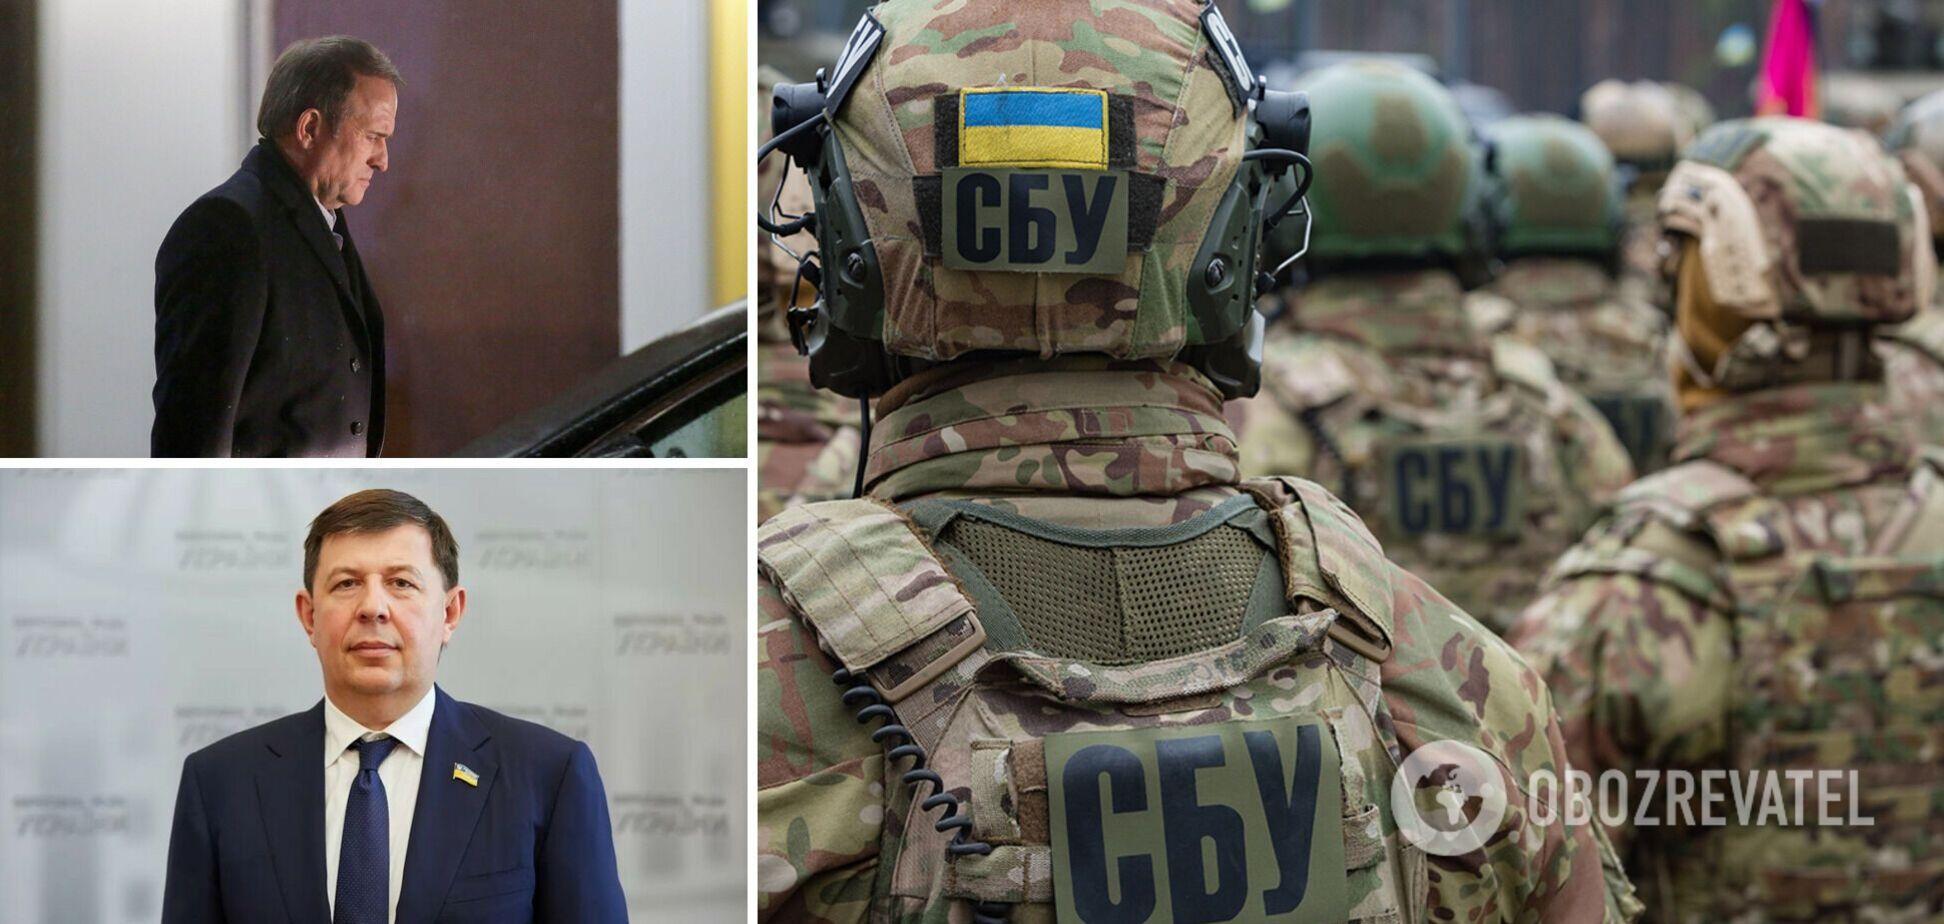 Нефть и газ в Крыму, сдача позиций ВСУ и вербовка украинцев: подробности обвинений против Медведчука и Козака